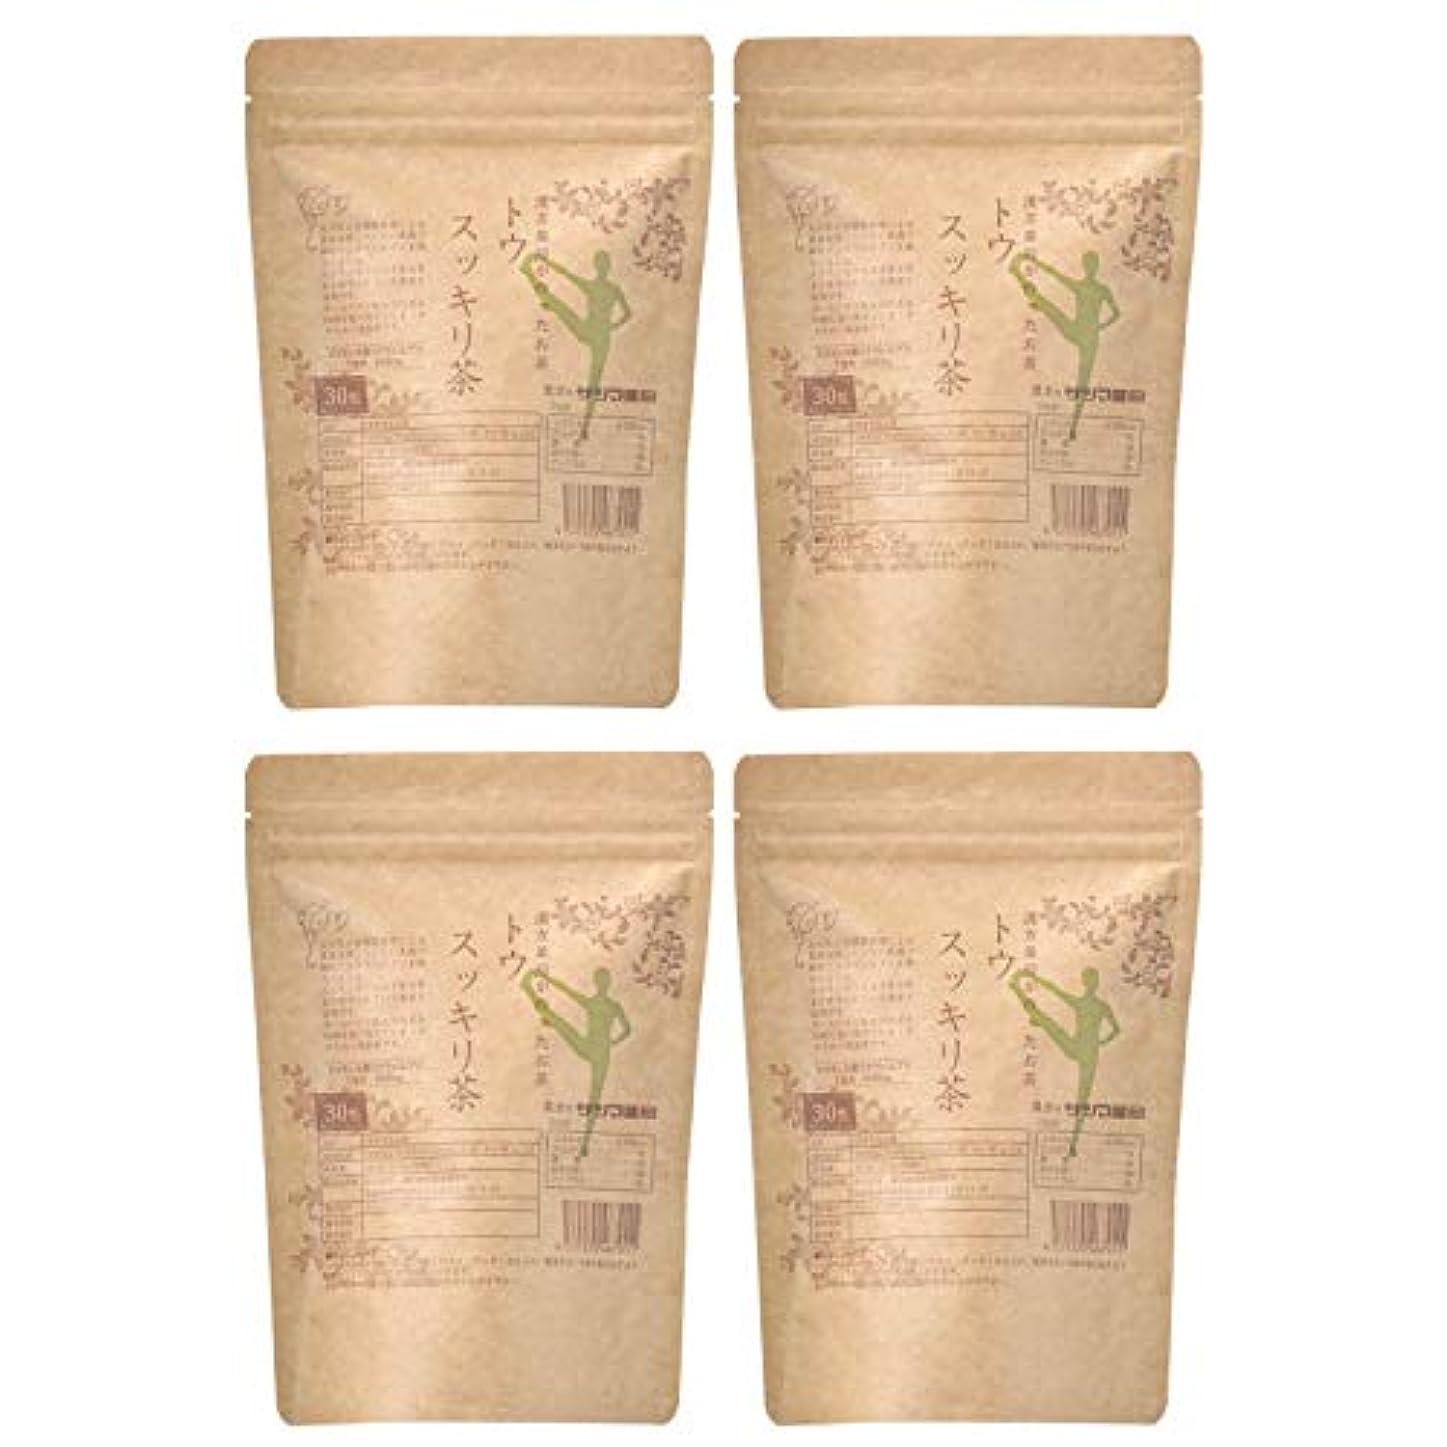 ギャザー学校教育望むサツマ薬局 ダイエットティー トウスッキリ茶 120包(30包×4) ティーパック 高濃度コタラヒム茶 ほうじ茶